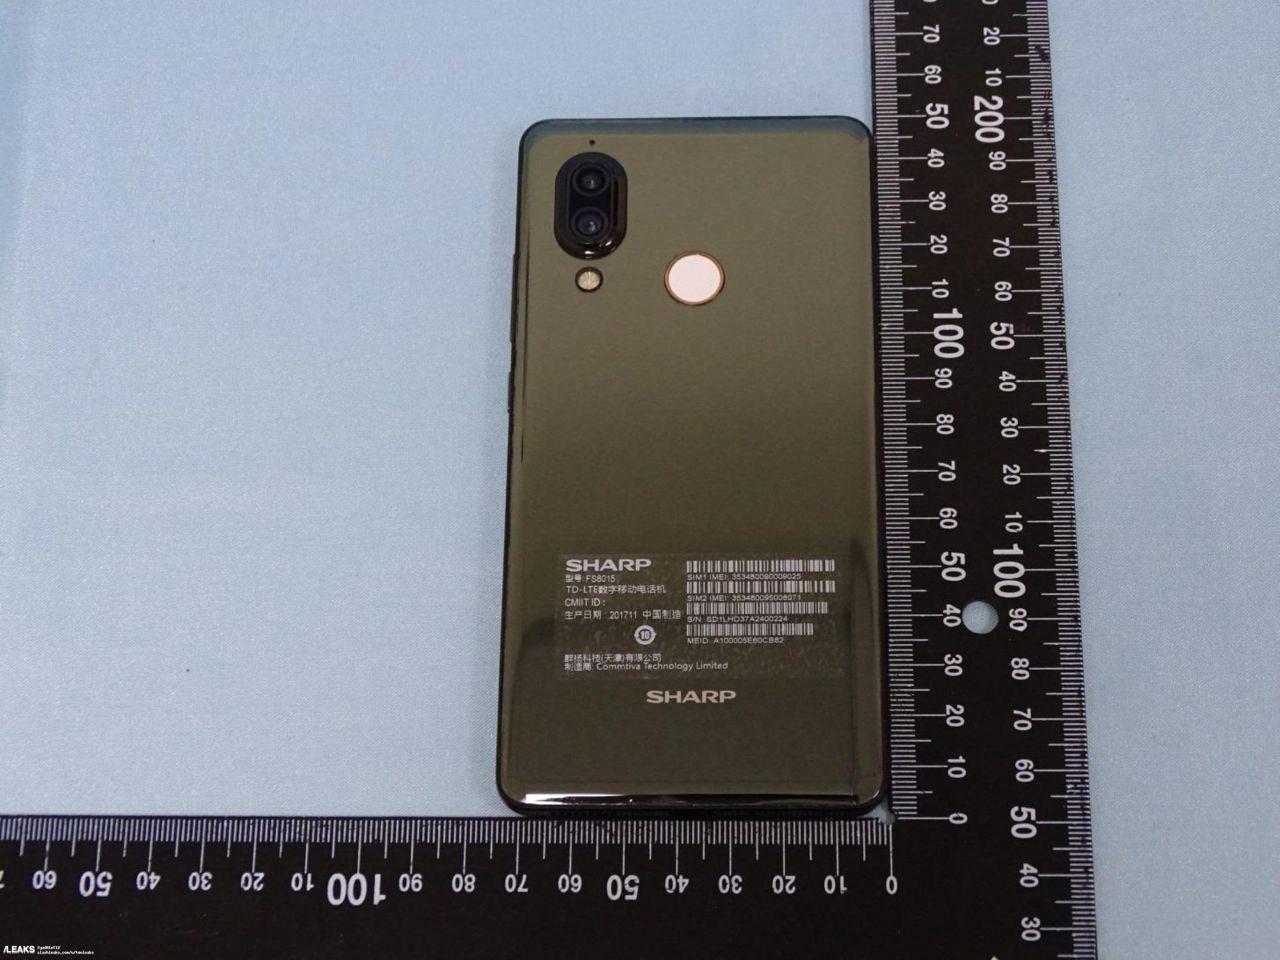 İşte Sharp'ın yeni telefonunun görüntüleri! - Page 2